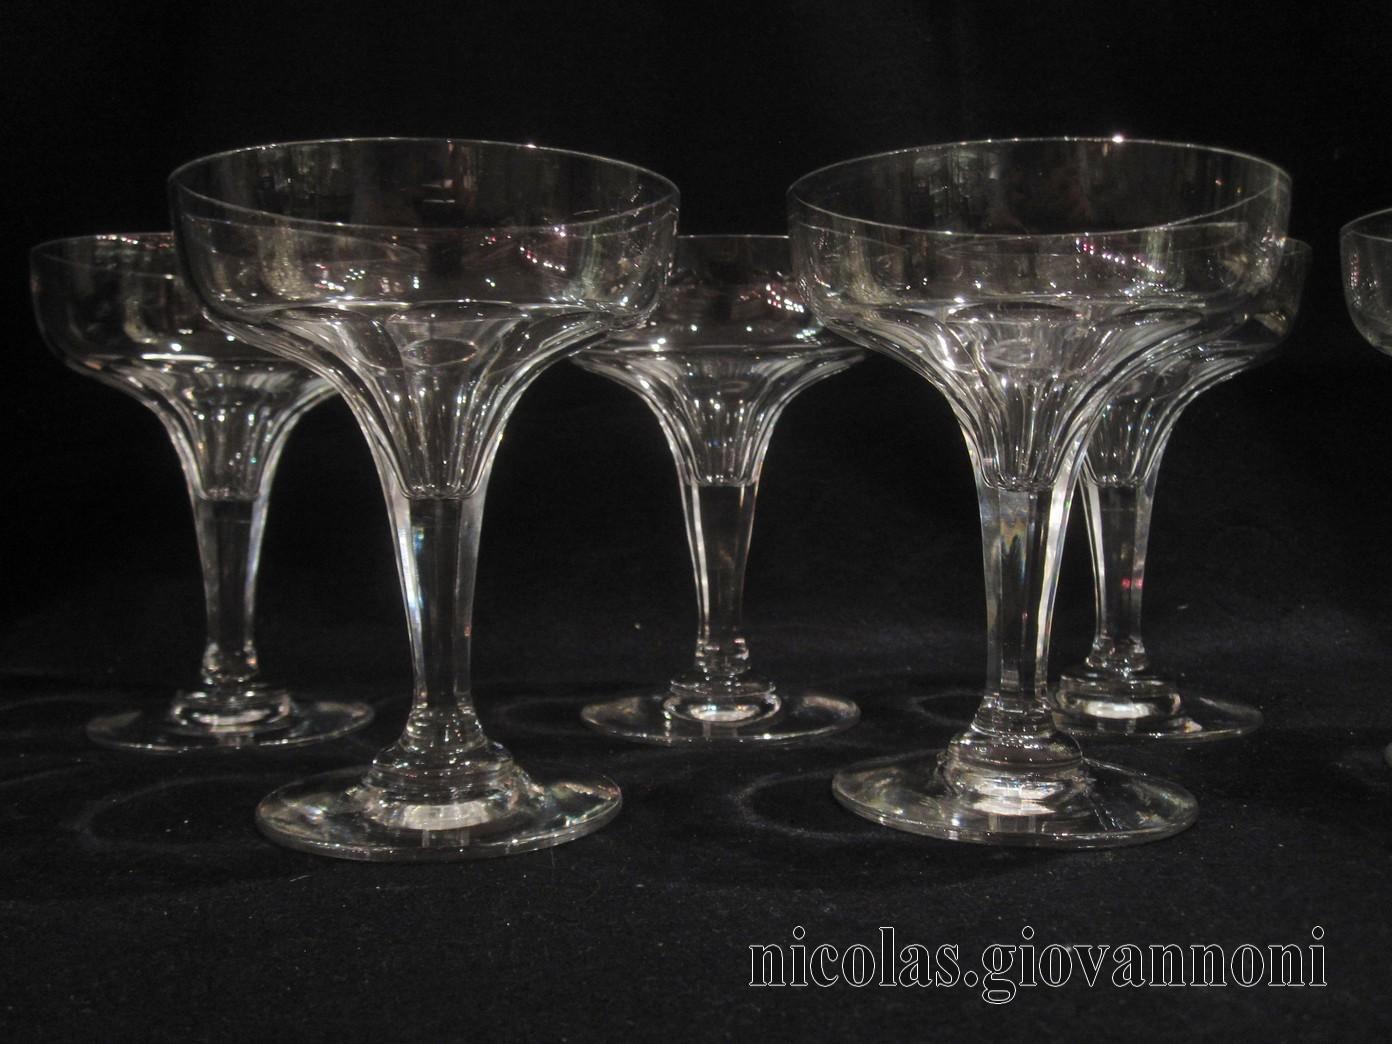 mod le coupes champenoises baccarat cristal catalogue cristal de france nicolas. Black Bedroom Furniture Sets. Home Design Ideas